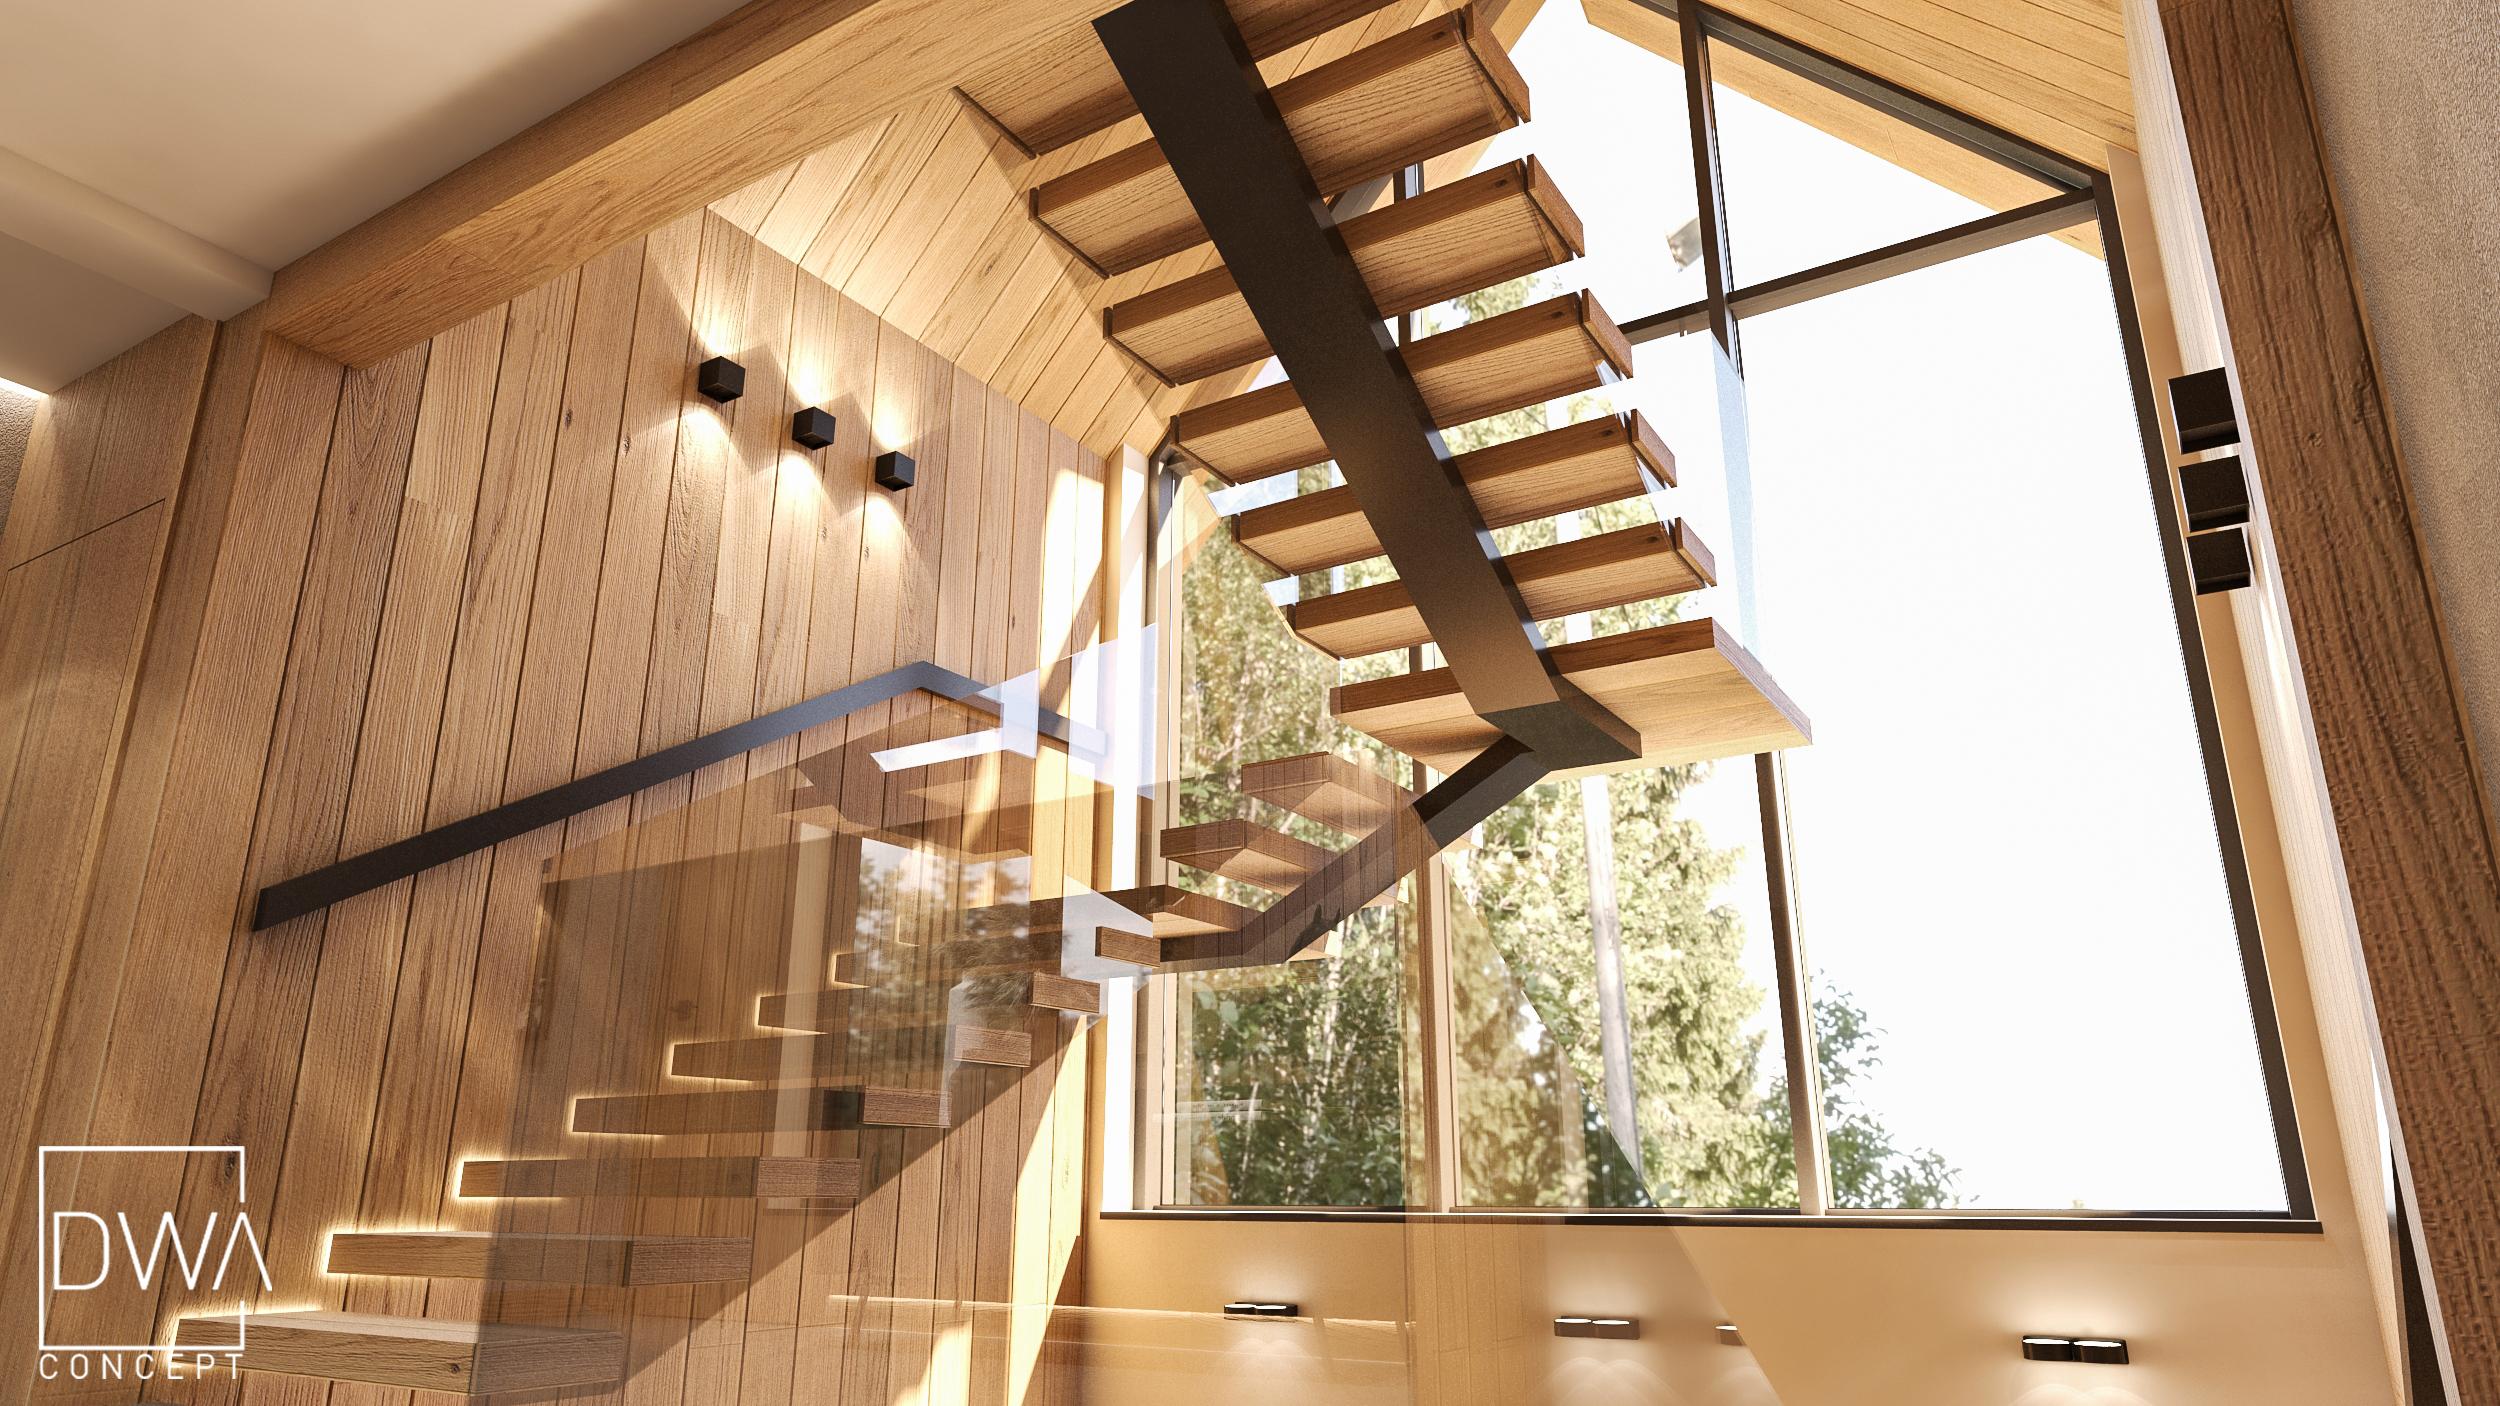 projekt łazienki zakopane projekt willi w Zakopanem strefa nocna dwaconcept projekty wnętrz Zakopane, projekty wnętrz góralskie, wnętrz góralskie, architekt wnętrz zakopane, architekt wnętrz rabka